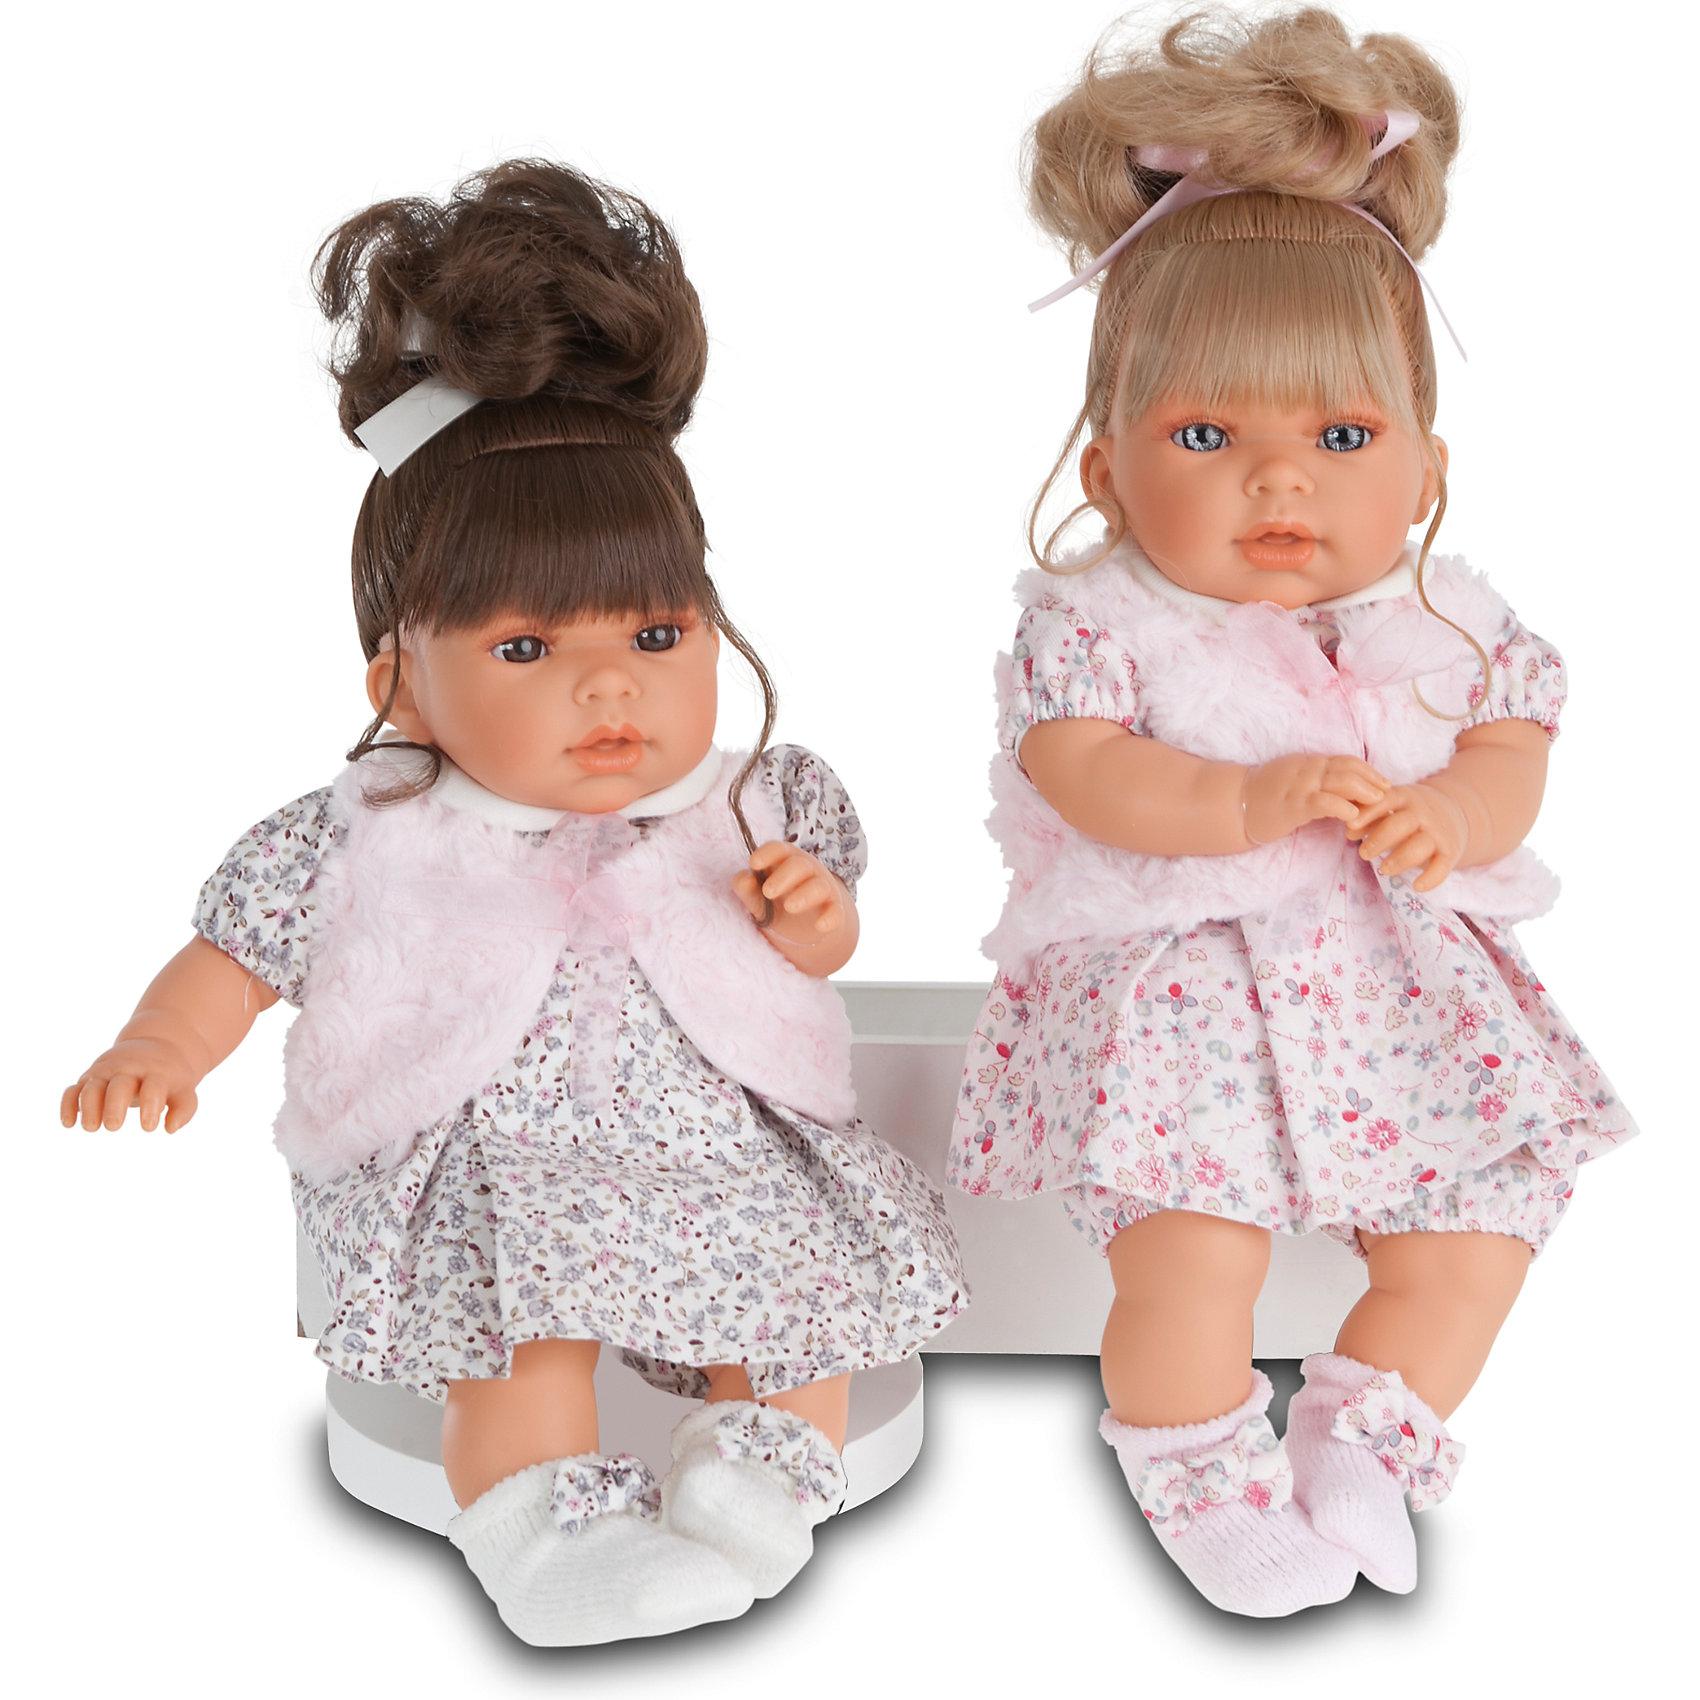 Кукла Лучия в  розовом, 37 см, Munecas Antonio JuanИнтерактивные куклы<br>Кукла Лучия в  розовом, 37 см, Munecas Antonio Juan (Мунекас Антонио Хуан) - эта очаровательная малышка покорит и детей, и родителей.<br>Кукла Лучия выглядит как настоящий ребенок, а ее трогательный внешний вид вызывает только самые положительные и добрые эмоции. Эта чудесная милая малышка станет любимицей Вашей девочки и будет воспитывать в ней доброту, внимание и заботу. Личико куклы сделано с детальными прорисовками. Пухлые щечки и губки, выразительные глаза, обрамленные пушистыми ресничками, придают игрушке реалистичный вид. Ротик у куклы приоткрыт. Малышка Лучия одета светлое платье в мелкий рисунок, жилетку и белые пинетки с бантиками. Волосы собраны в хвостик. При нажатии на животик куклы, она весело смеется, а так же может позвать маму и папу. Тельце у куклы мягко-набивное, голова, ручки и ножки сделаны из высококачественного винила. Ручки и ножки подвижны. Кукла изготовлена из высококачественных и экологически чистых материалов, поэтому безопасна для детей любого возраста, соответствует всем нормам и требованиям к качеству детских товаров. Образы малышей Мунекас разработаны известными европейскими дизайнерами. Они натуралистичны, анатомически точны.<br><br>Дополнительная информация:<br><br>- Интерактивные функции куклы: нажмите на животик 1 раз кукла засмеется, 2ой раз - кукла скажет мама, 3ий раз - скажет папа<br>- Глаза куклы не закрываются<br>- Высоты куклы: 37 см.<br>- Работает от 3-х батареек LR44 (таблетки) (батарейки входят в комплект)<br>- Материал: винил, текстиль<br><br>Куклу Лучия в  розовом, 37 см, Munecas Antonio Juan (Мунекас Антонио Хуан) можно купить в нашем интернет-магазине.<br><br>Ширина мм: 440<br>Глубина мм: 245<br>Высота мм: 120<br>Вес г: 650<br>Возраст от месяцев: 36<br>Возраст до месяцев: 84<br>Пол: Женский<br>Возраст: Детский<br>SKU: 4201311